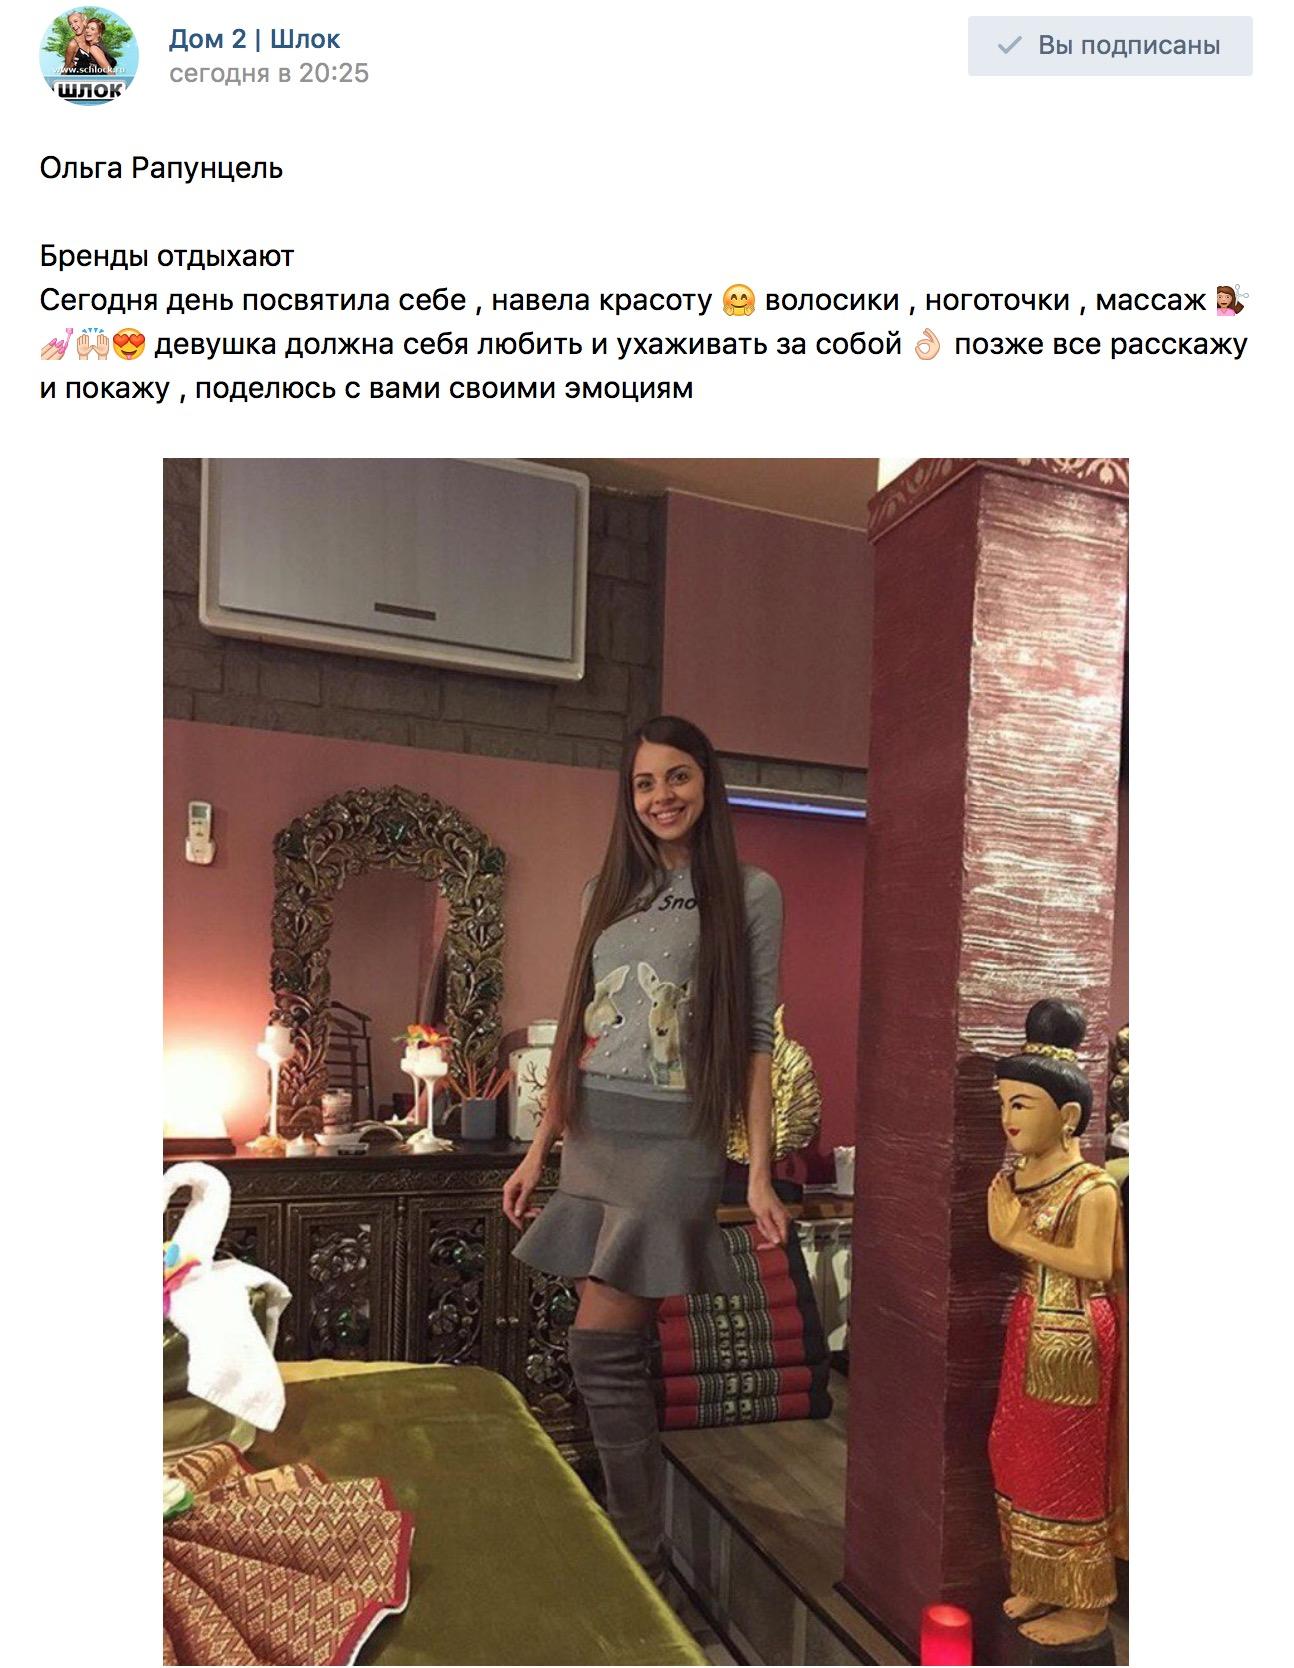 Ольга Рапунцель. Бренды отдыхают